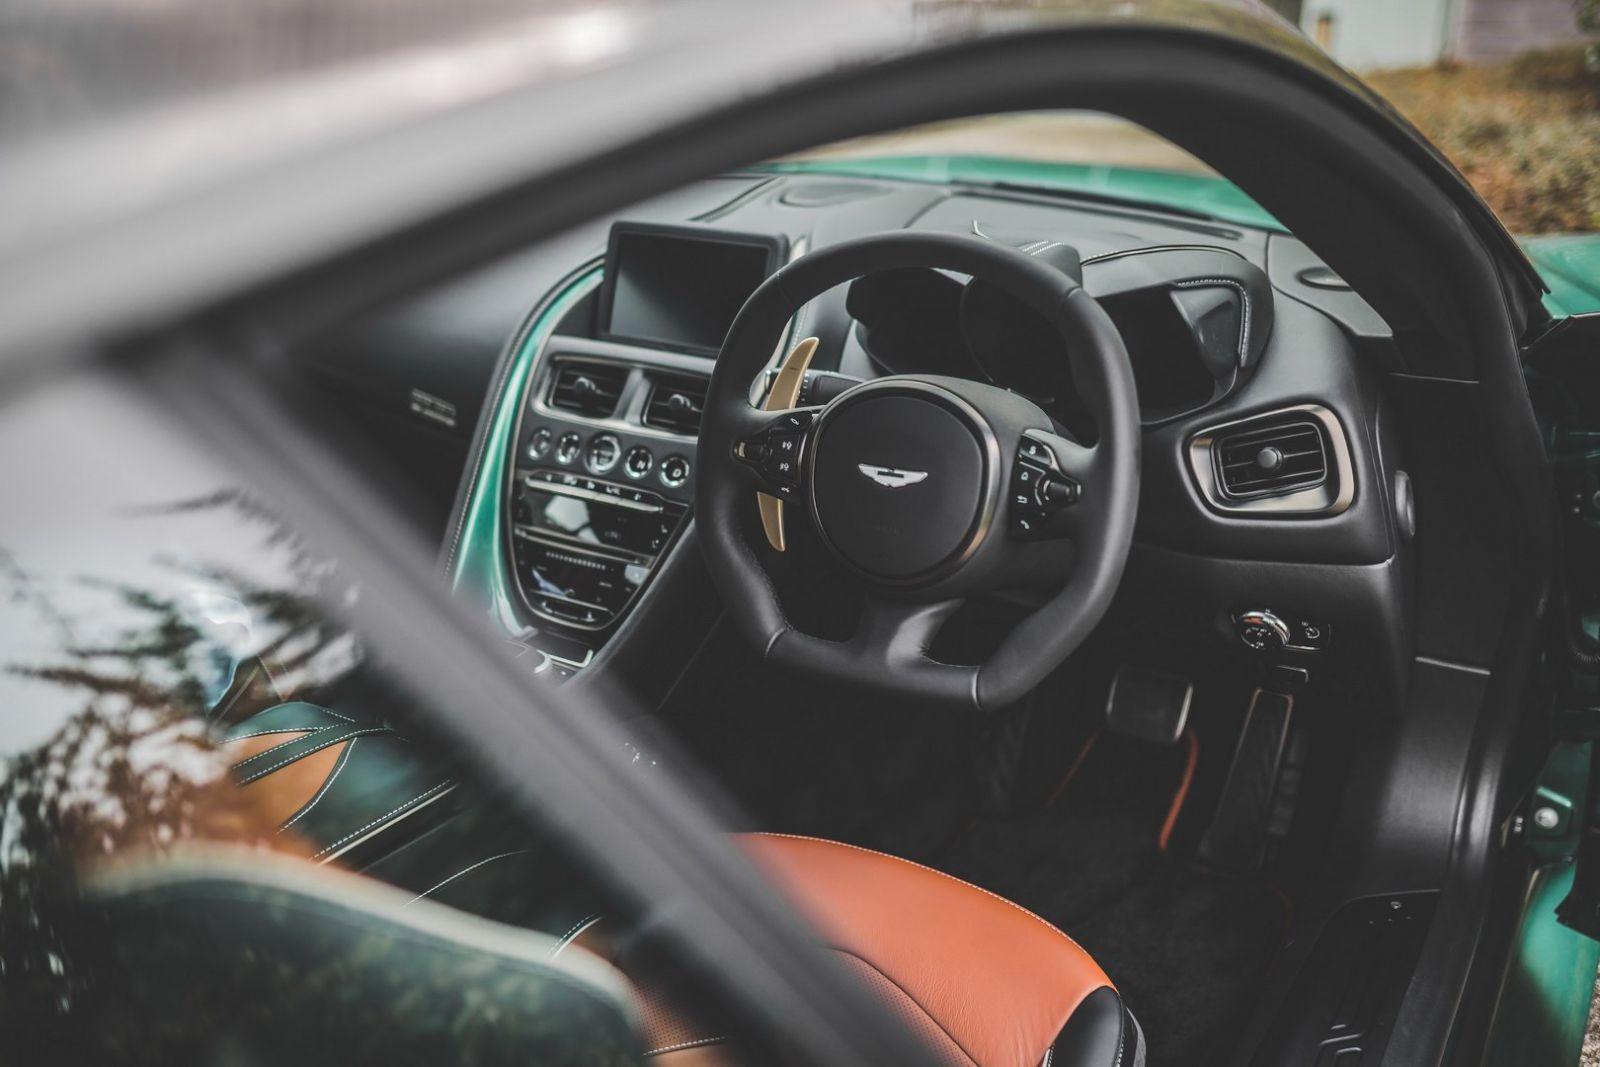 Nội thất của Aston Martin DBS 59 cũng có những điểm nhấn màu xanh lục và màu đồng